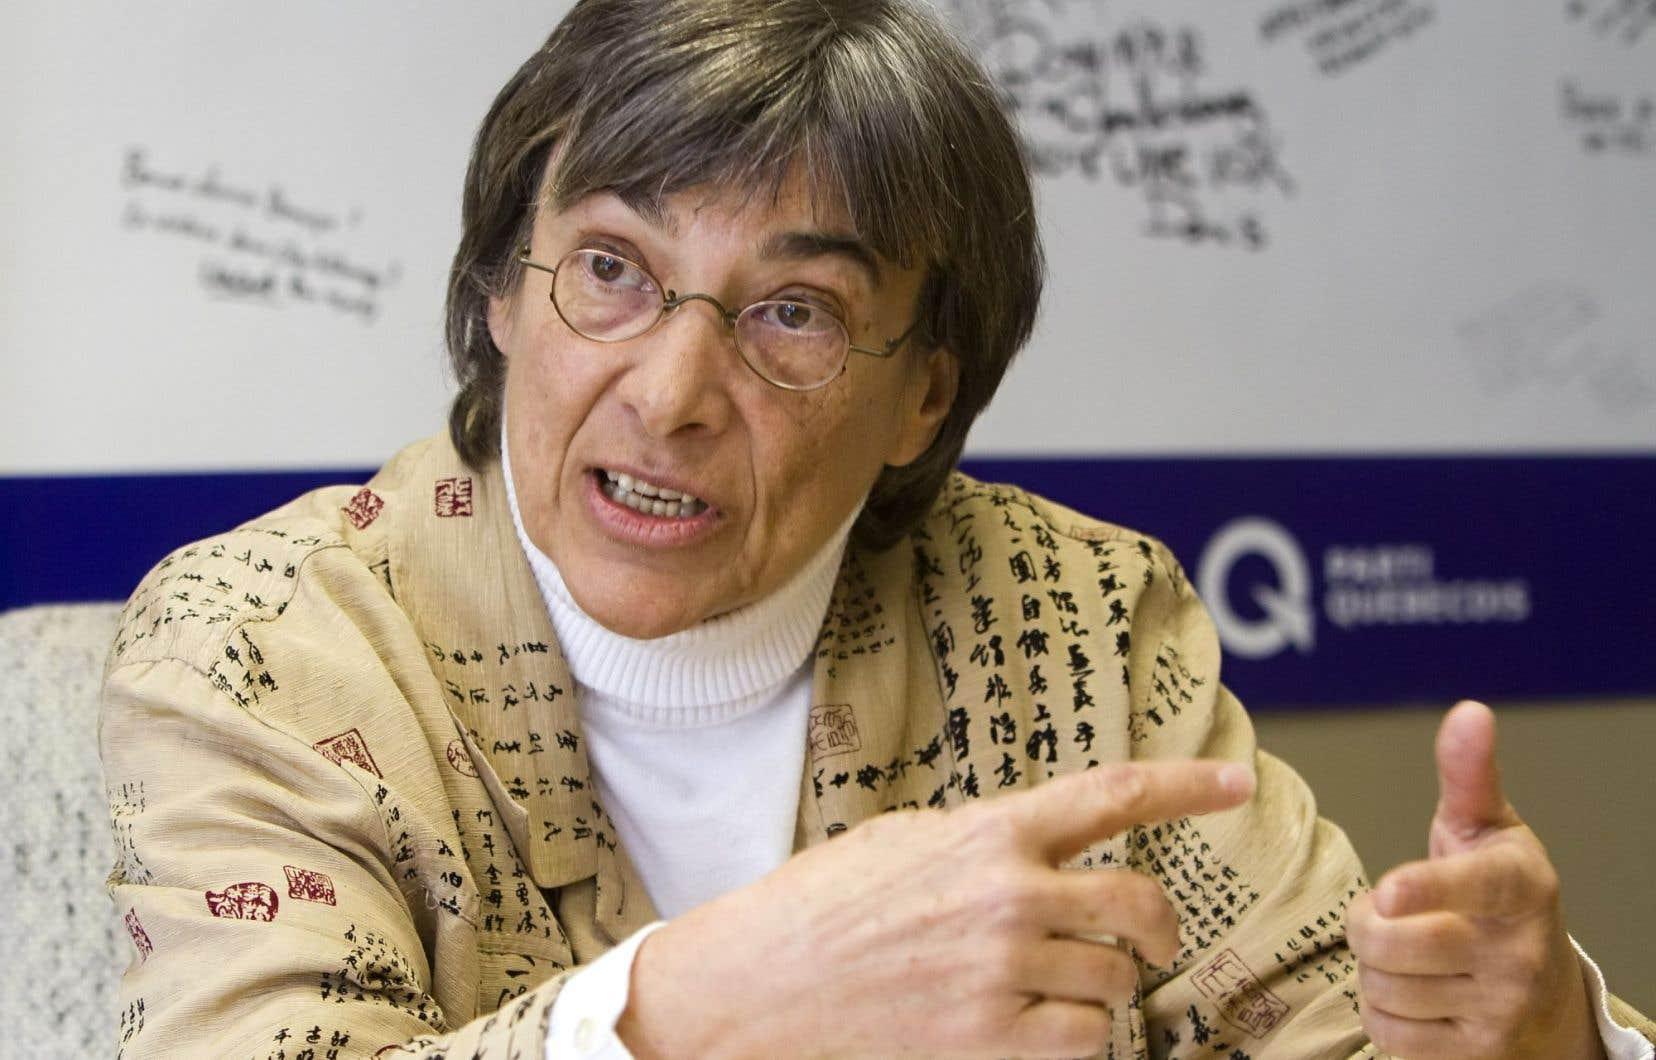 Le rapport de Dominique Payette sur les radios poubelles, intitulé « L'information à Québec, un enjeu capital », a suscité de nombreuses critiques.